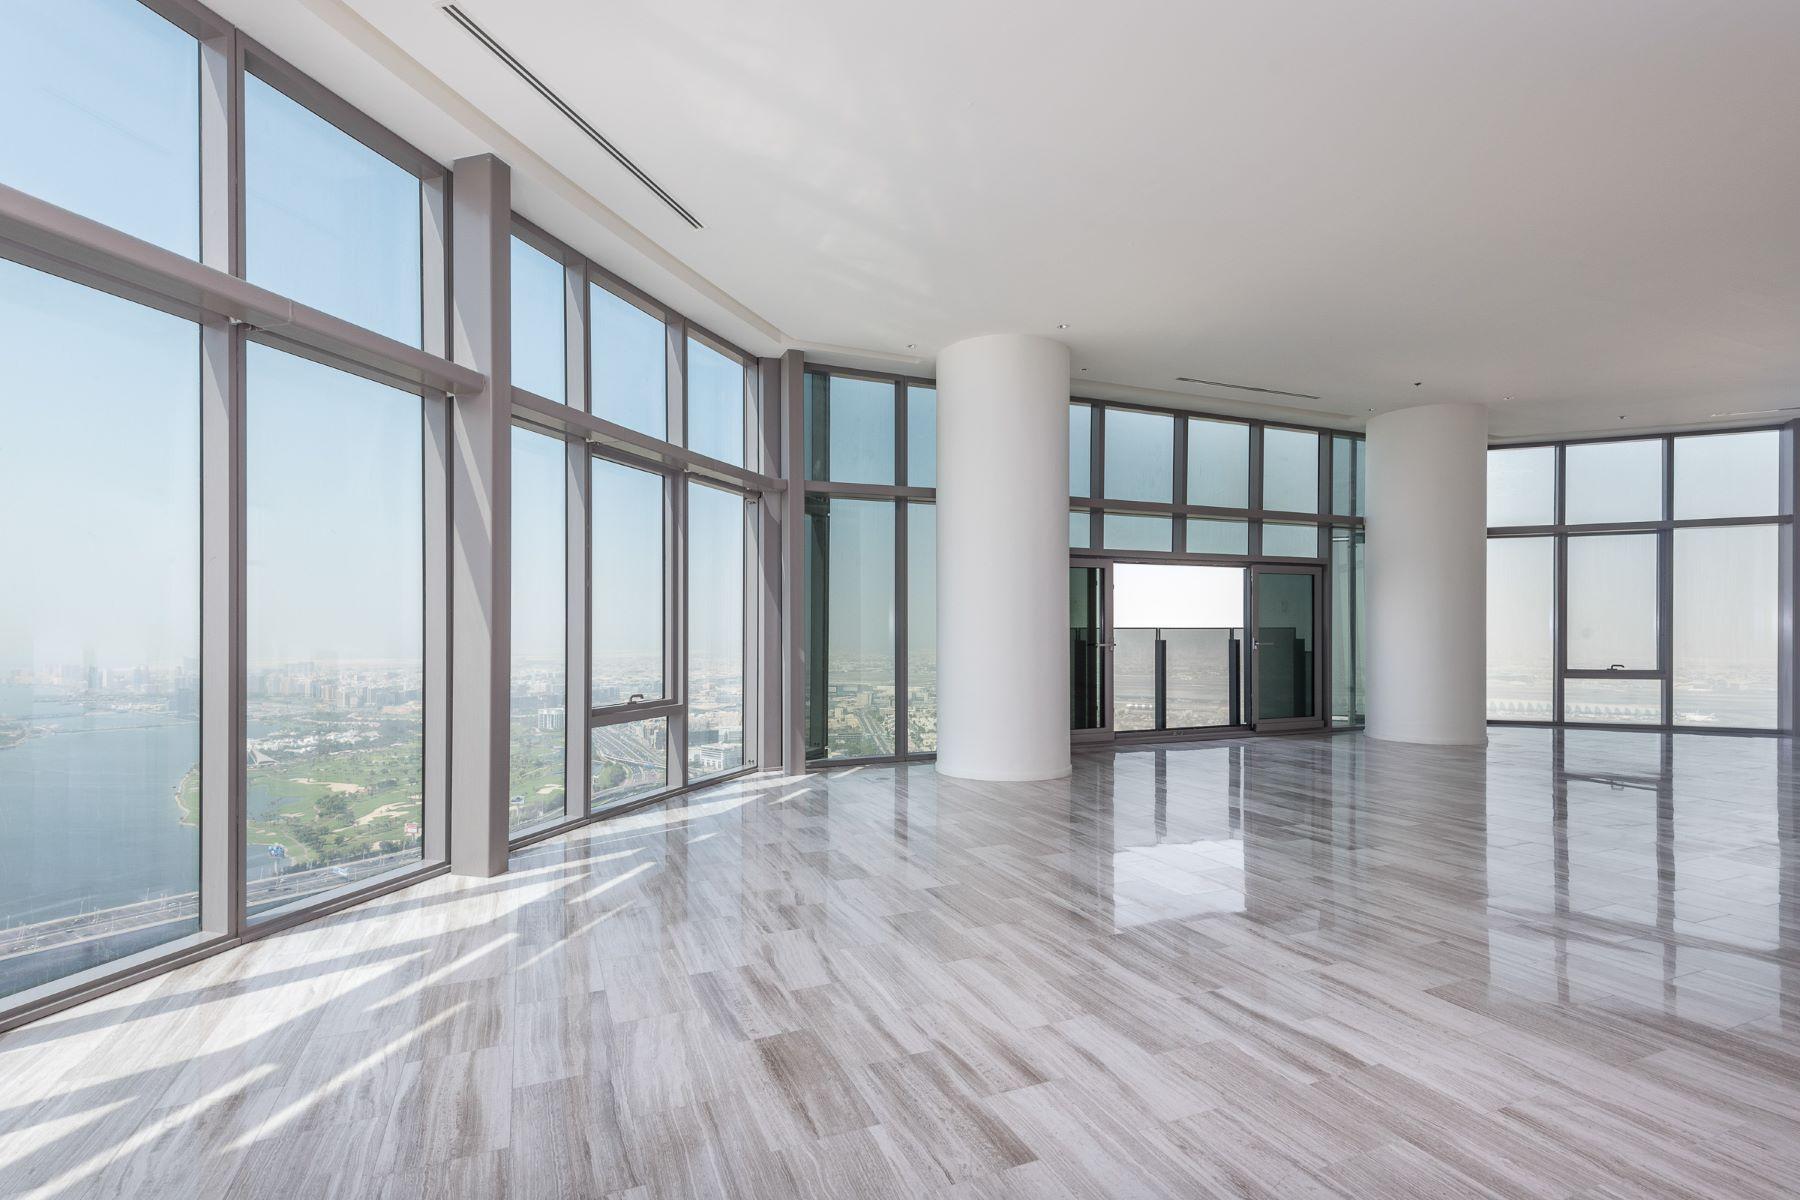 Квартира для того Продажа на Contemporary Penthouse - D1 Culture Village, Dubai, Дубай Объединенные Арабские Эмираты